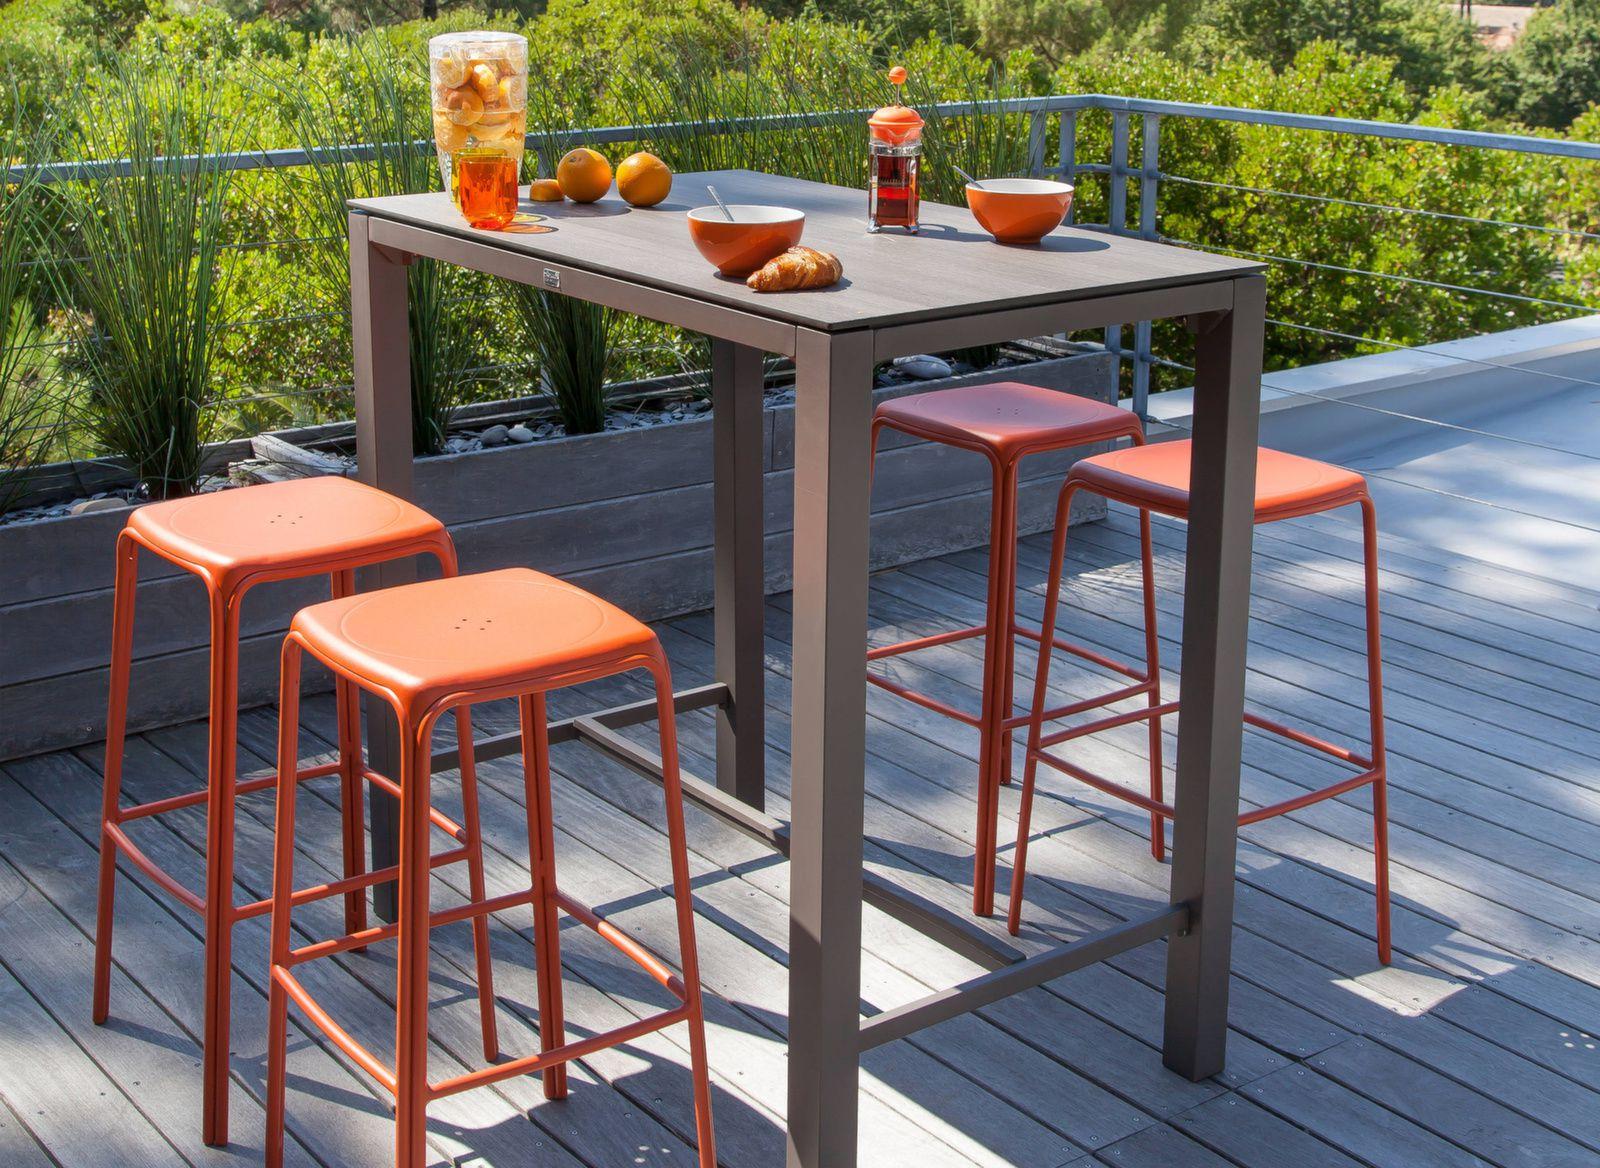 tabouret d ext rieur haut empilable azuro tabourets proloisirs. Black Bedroom Furniture Sets. Home Design Ideas